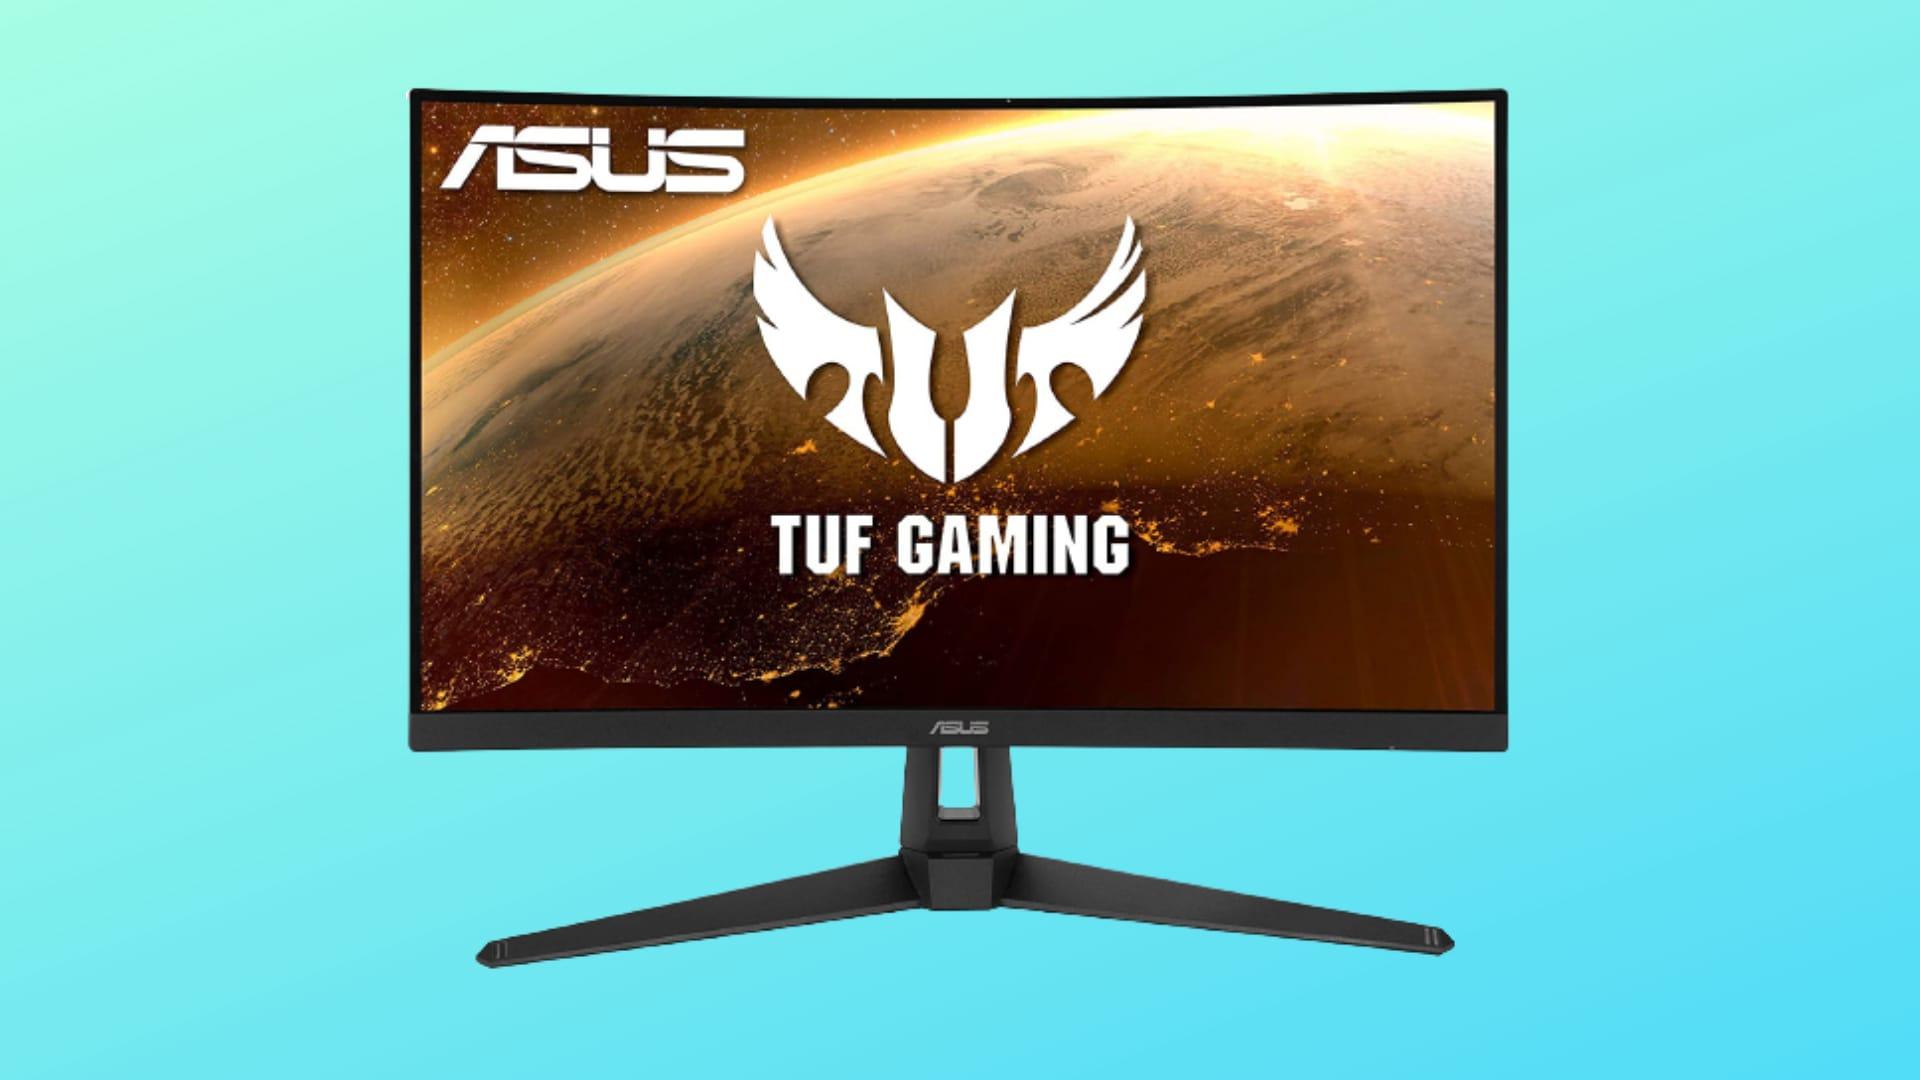 Oppo K9 Pro ha fretta: foto, specifiche e prezzi prima della presentazione - image ASUS-TUF-Gaming-VG27VH1B on https://www.zxbyte.com